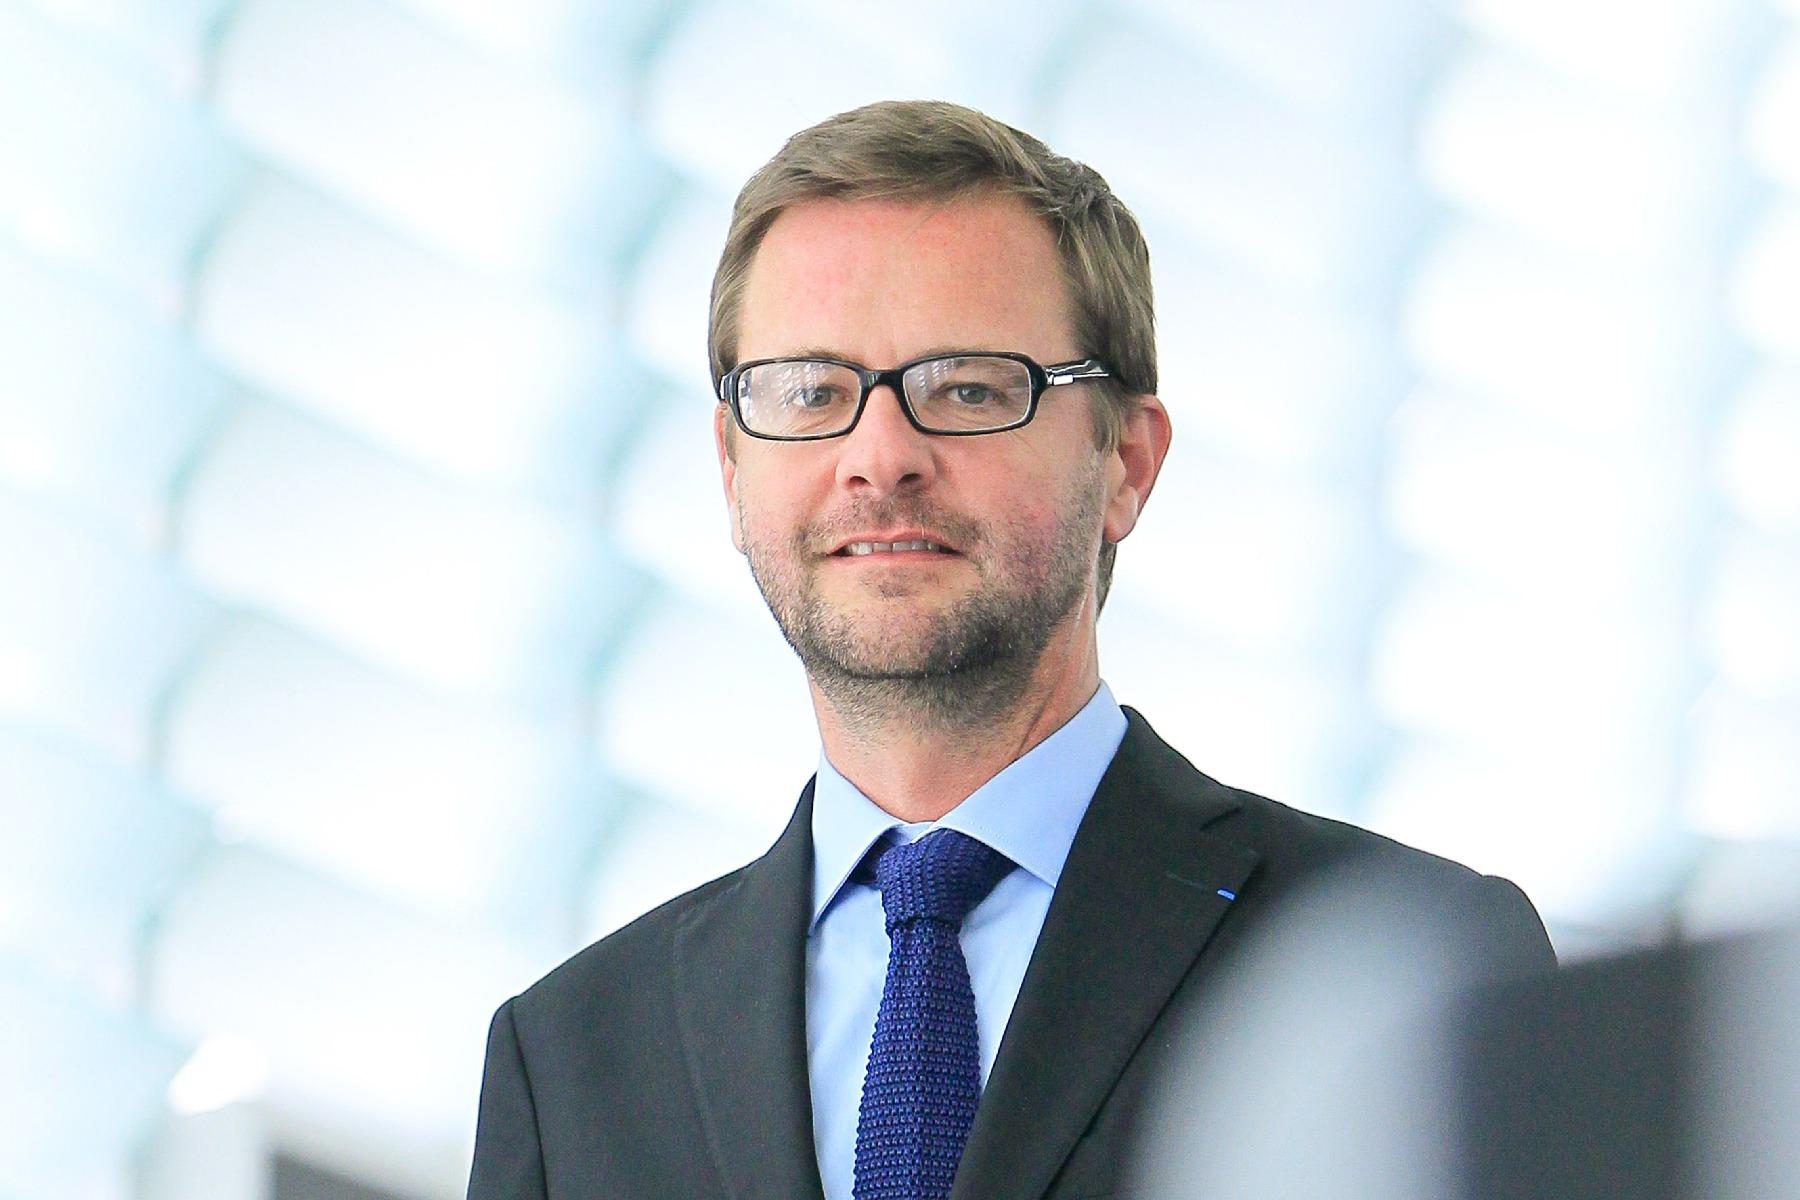 Jérôme Lavrilleux au Parlement européen  ©Parlement européen